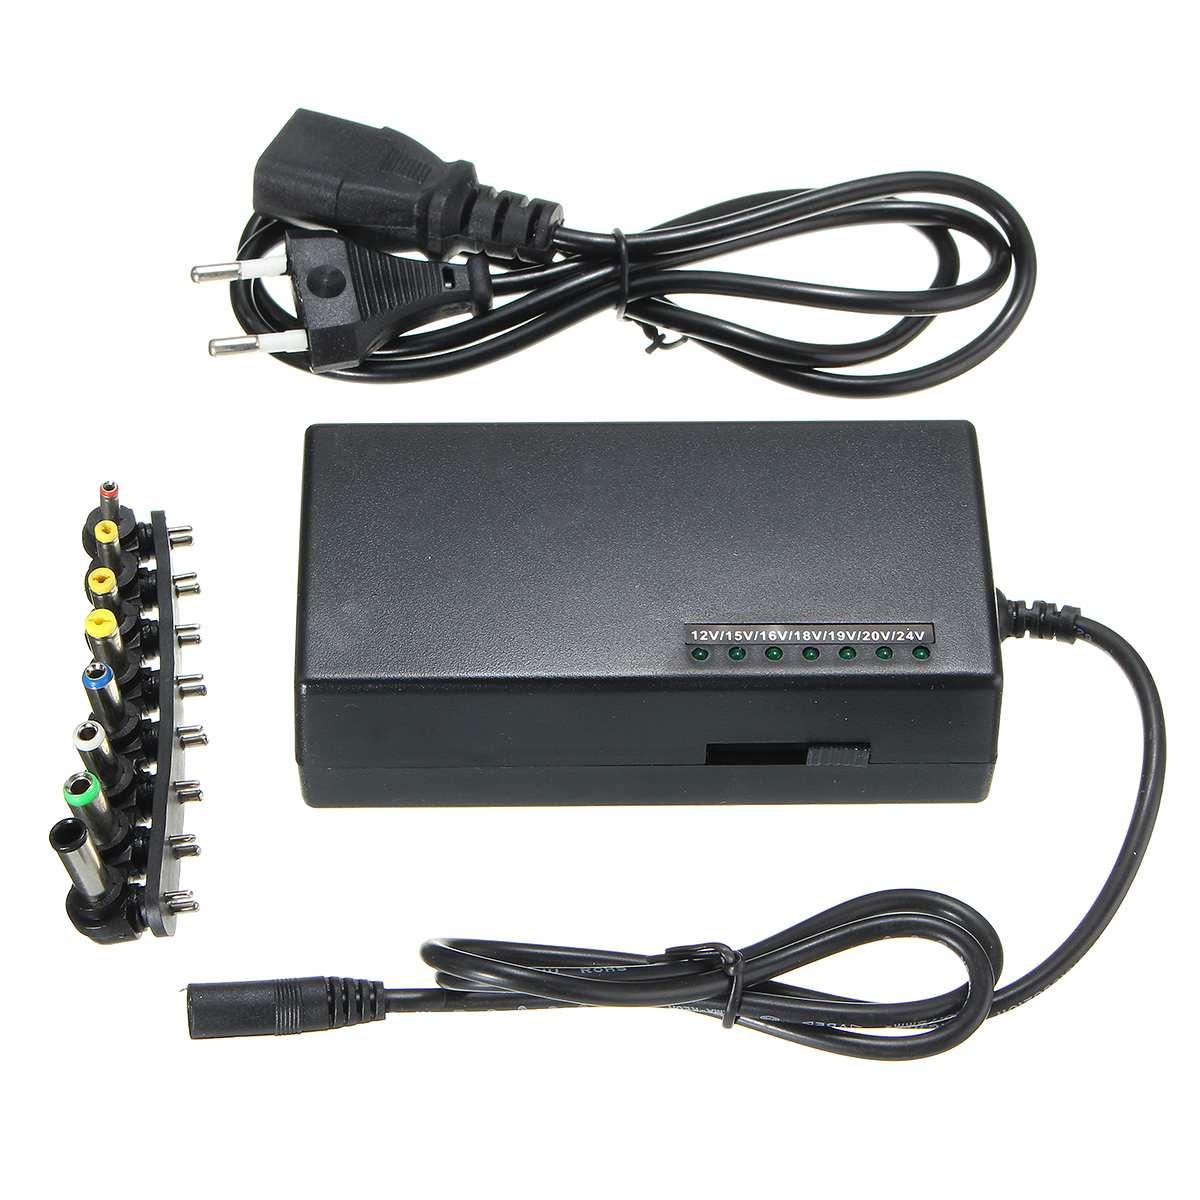 Adaptor Adjustable Power Adapter 12V 15V 5V 16V 18V 19V 20V 24v4A 4.5A AC  Universal Charger Supply for led light strip lamp 96W